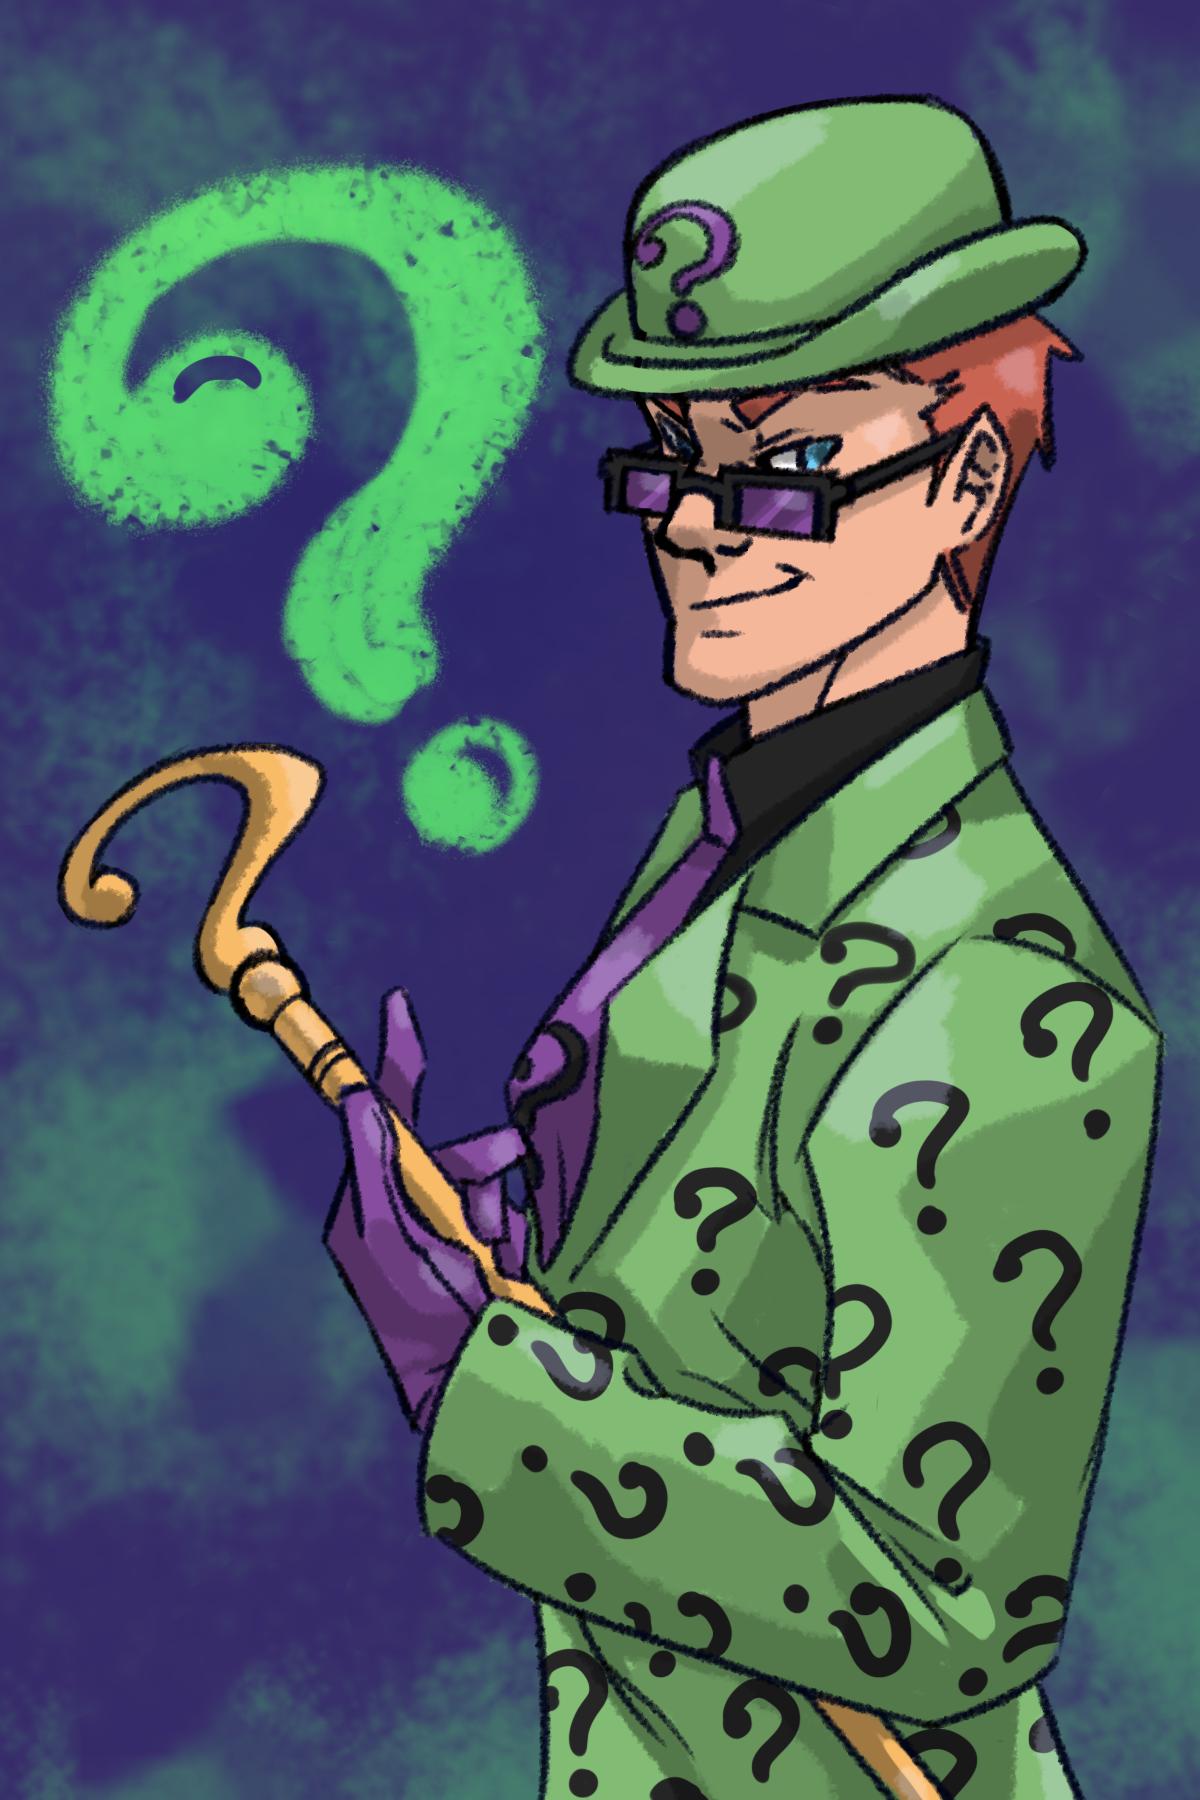 2821888-let_me_solve_your_riddles_by_xxjust_a_nobodyxx_d50ynxx batman